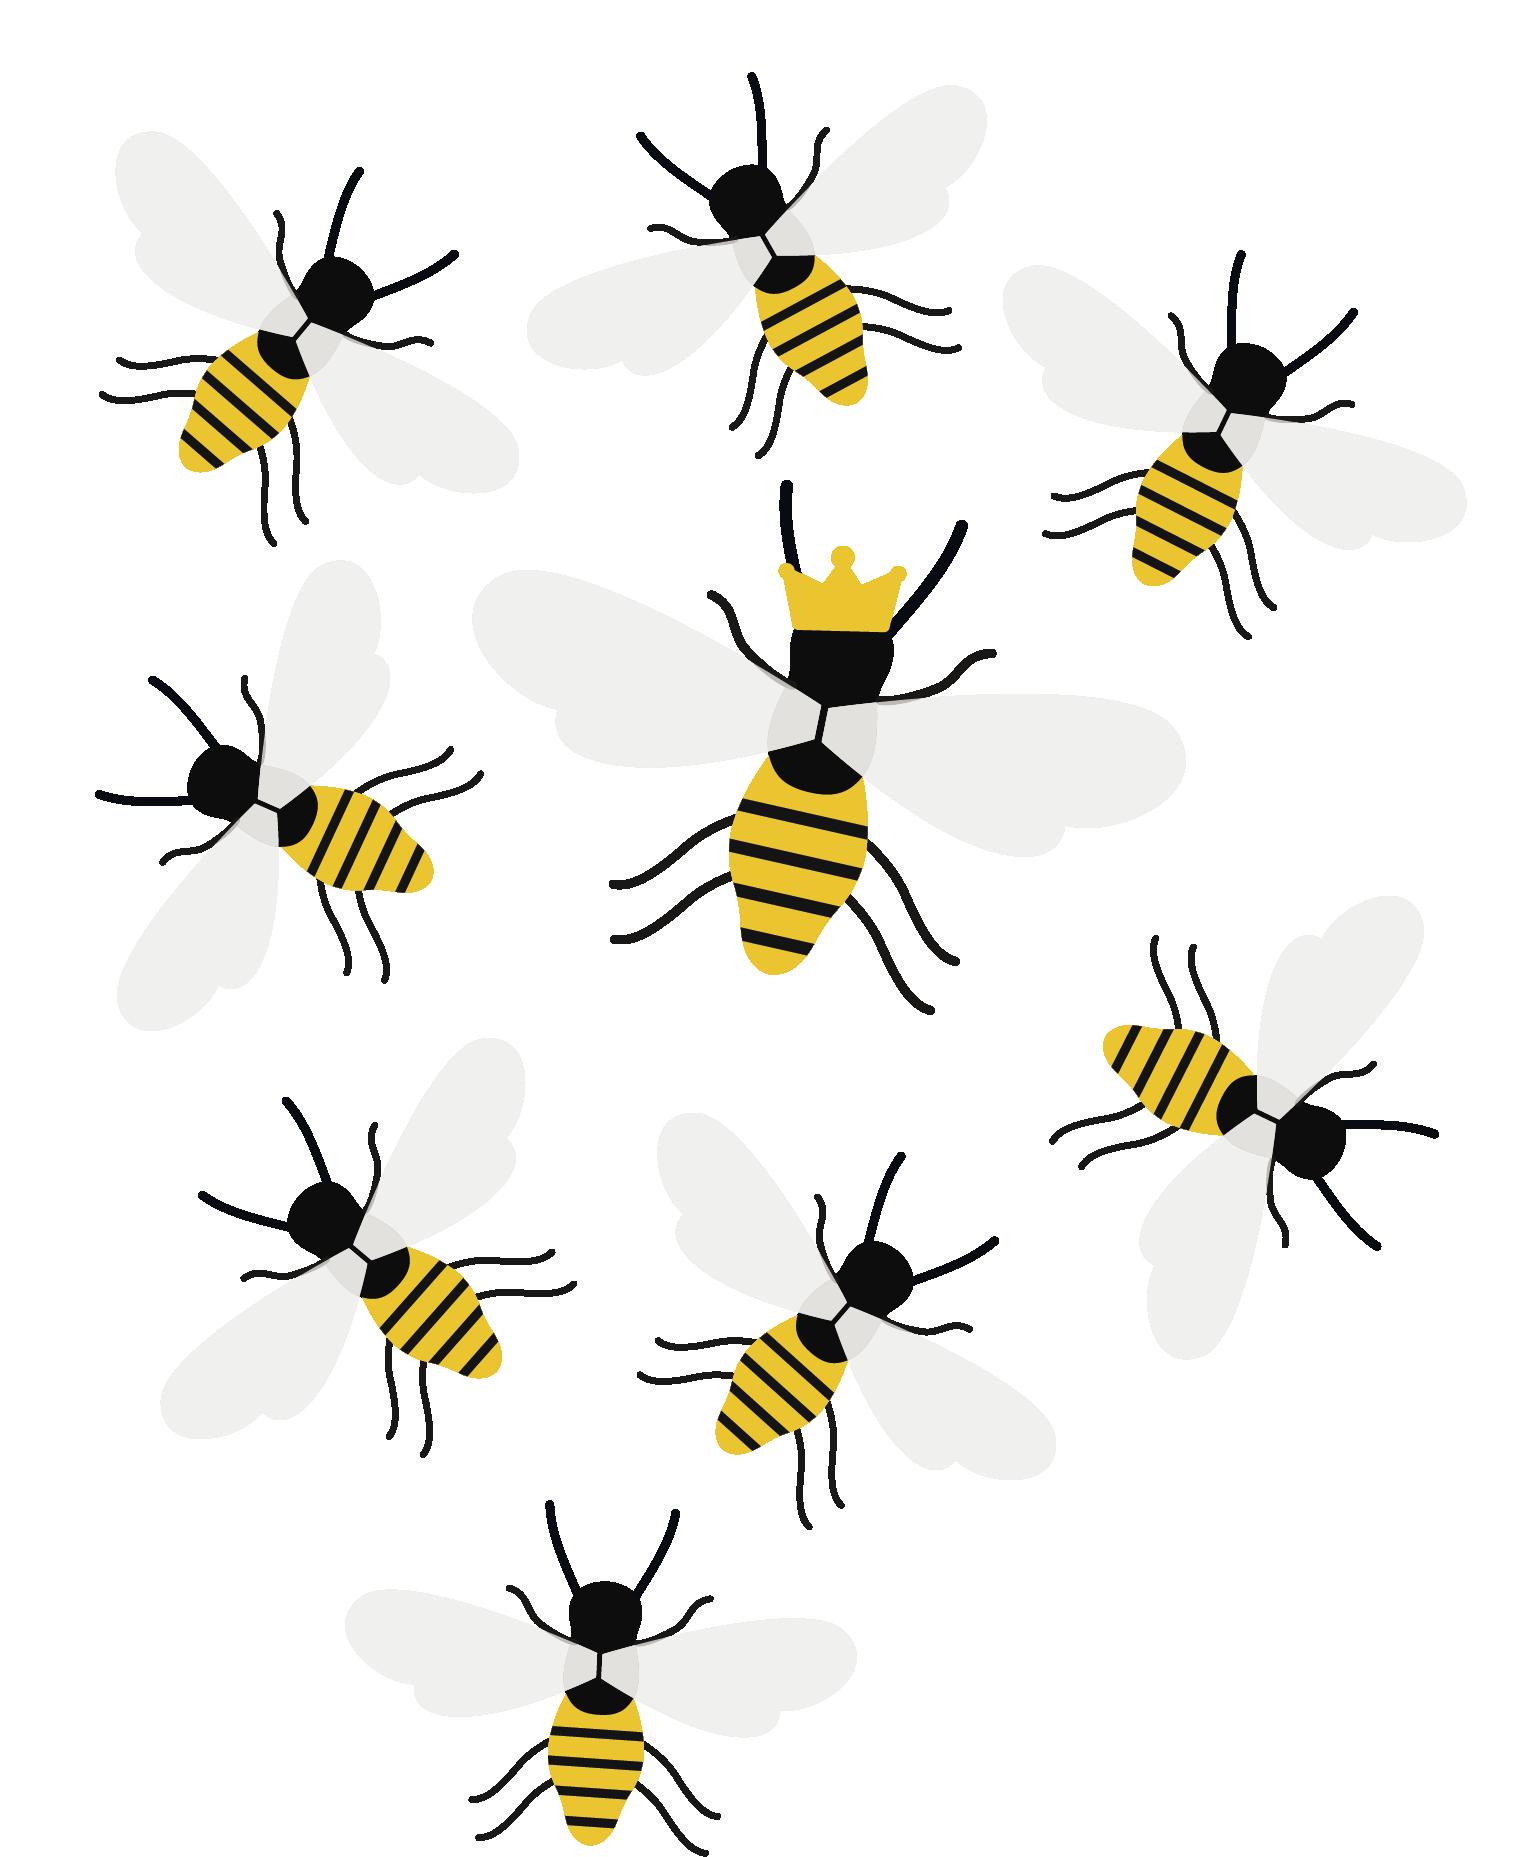 https://www.membership-matters.co.uk/wp-content/uploads/2018/01/Queen-Bee2-1.png